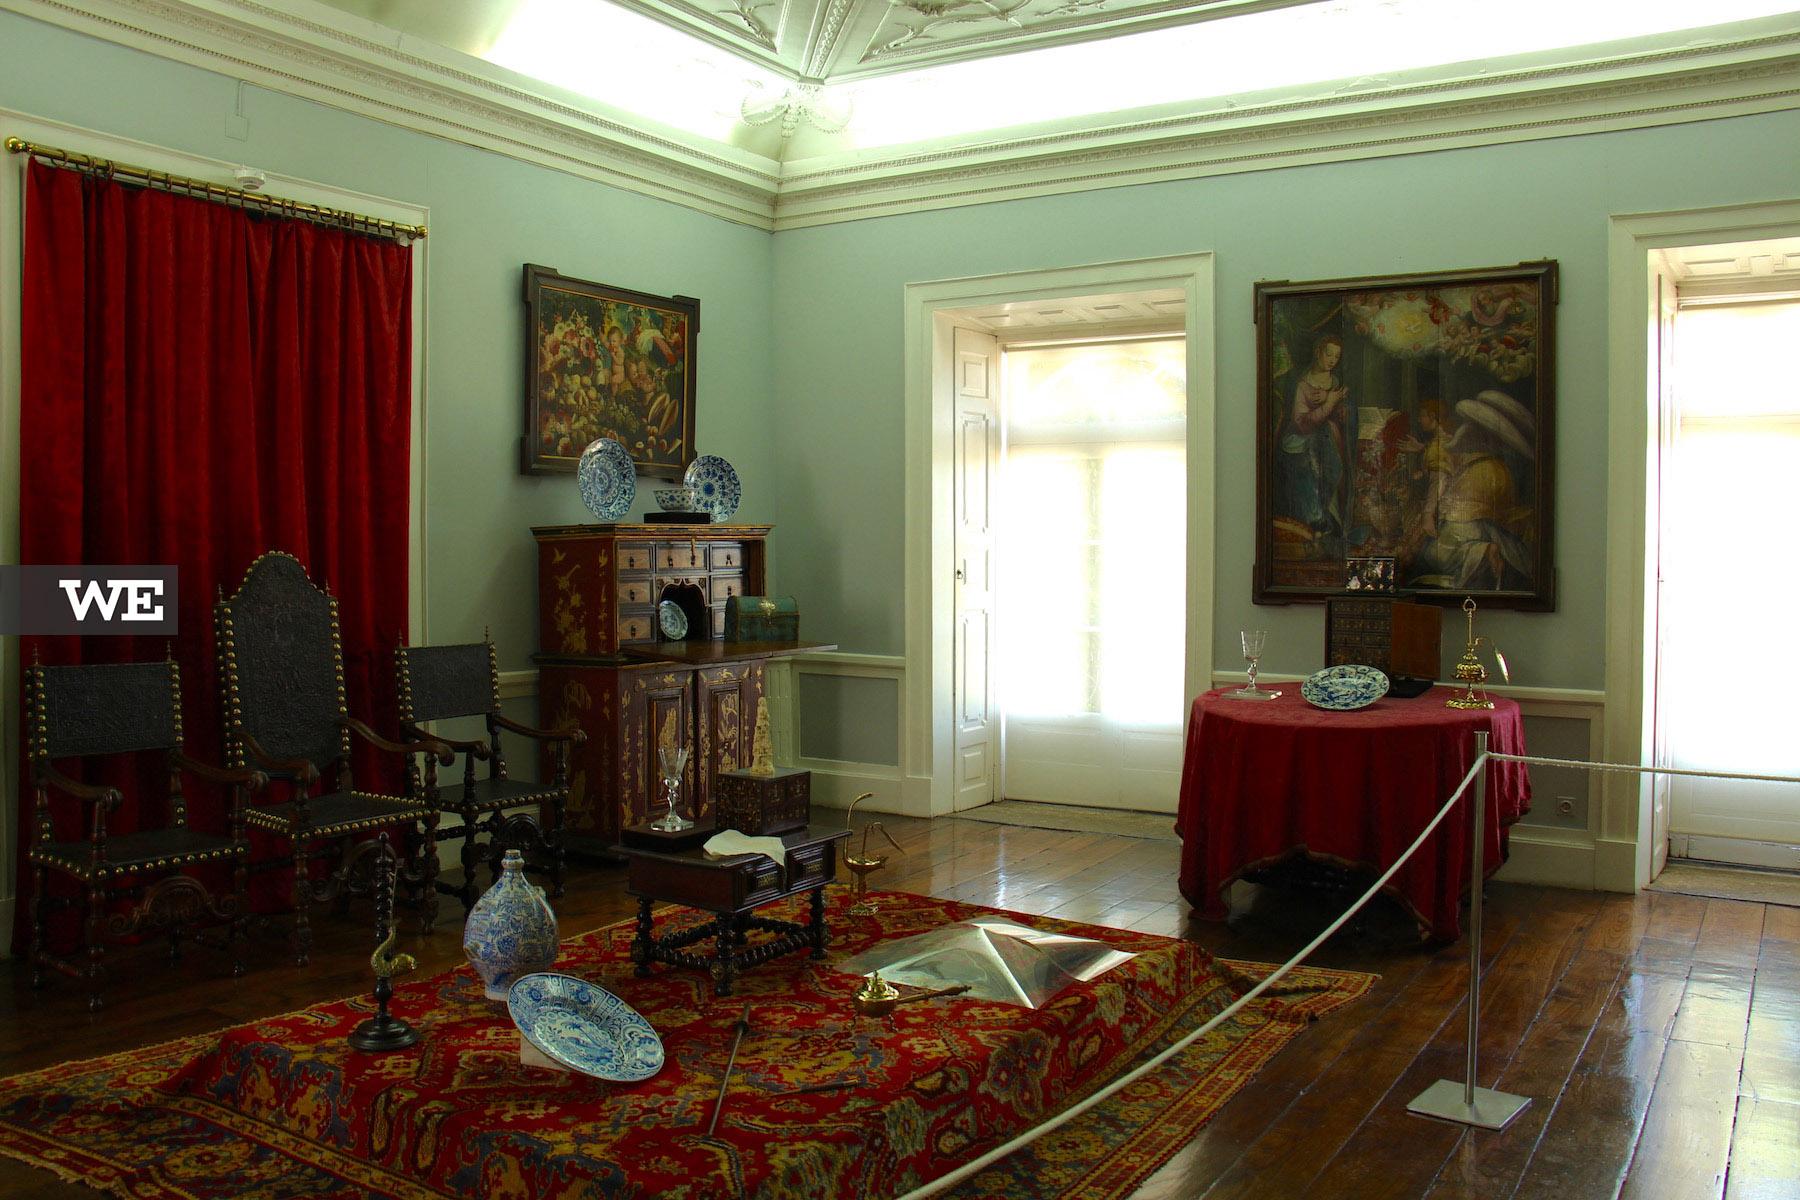 we-braga-museu-biscainhos (14)